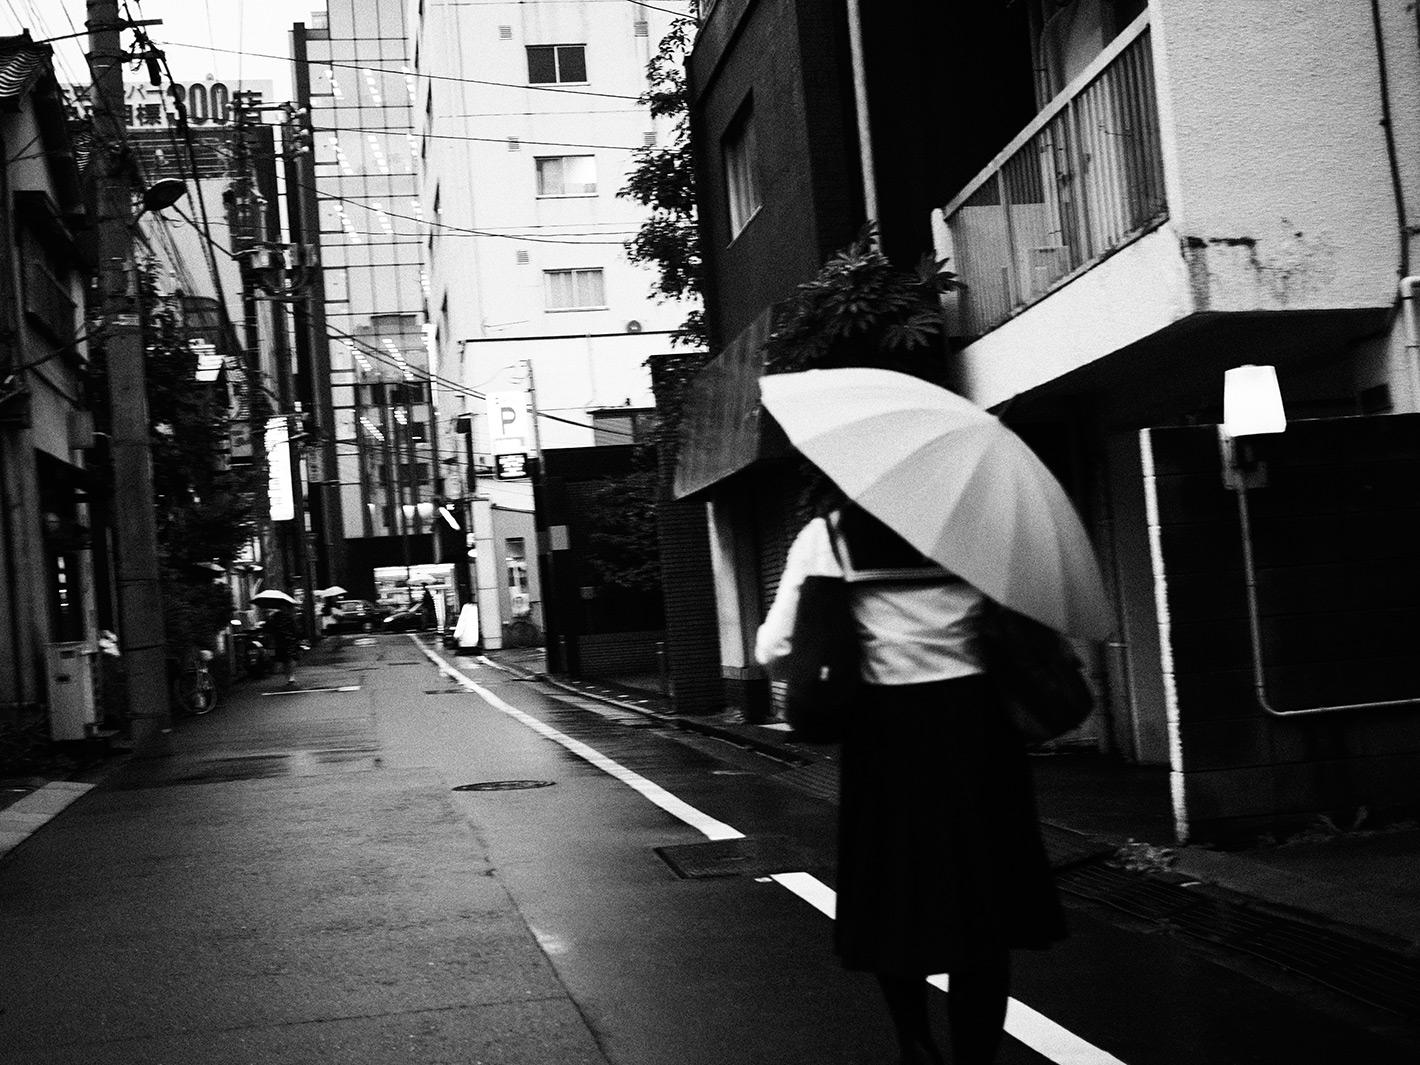 今日も雨降り_f0121181_4544098.jpg